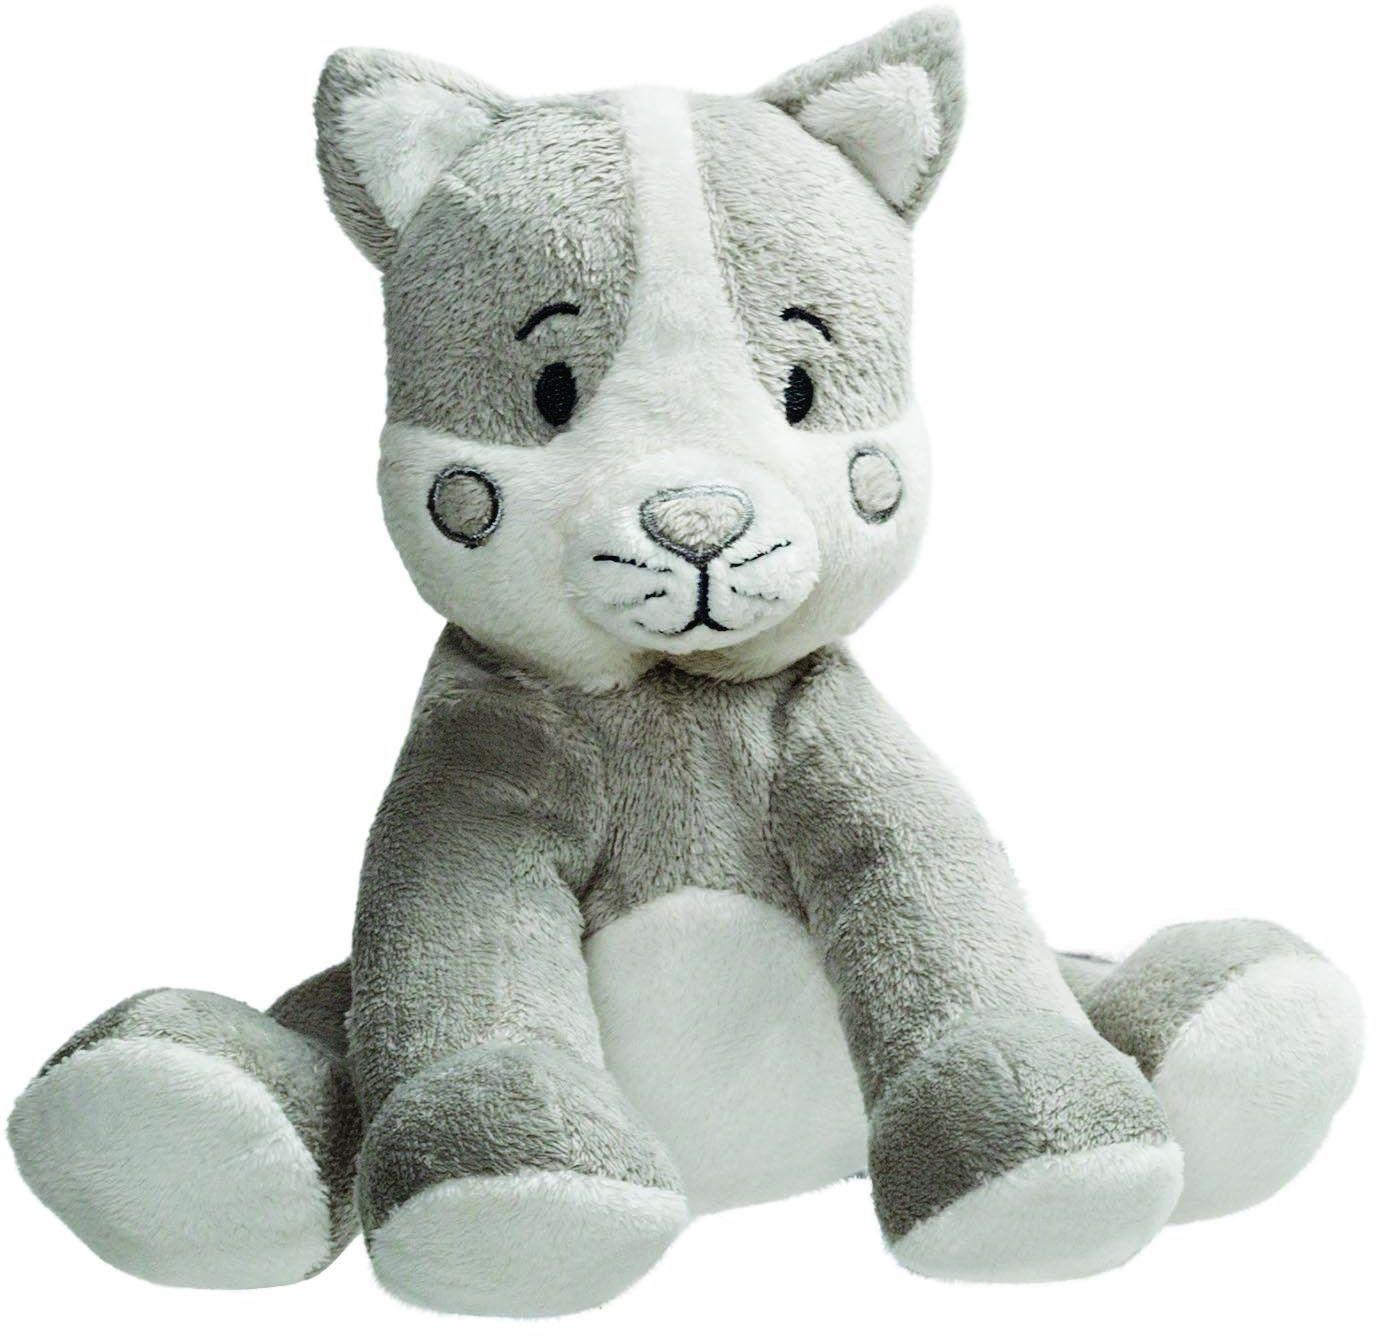 Gifts 10150 Cuddle Tots kot pluszowe zwierzątko z grzechotką, 14 cm